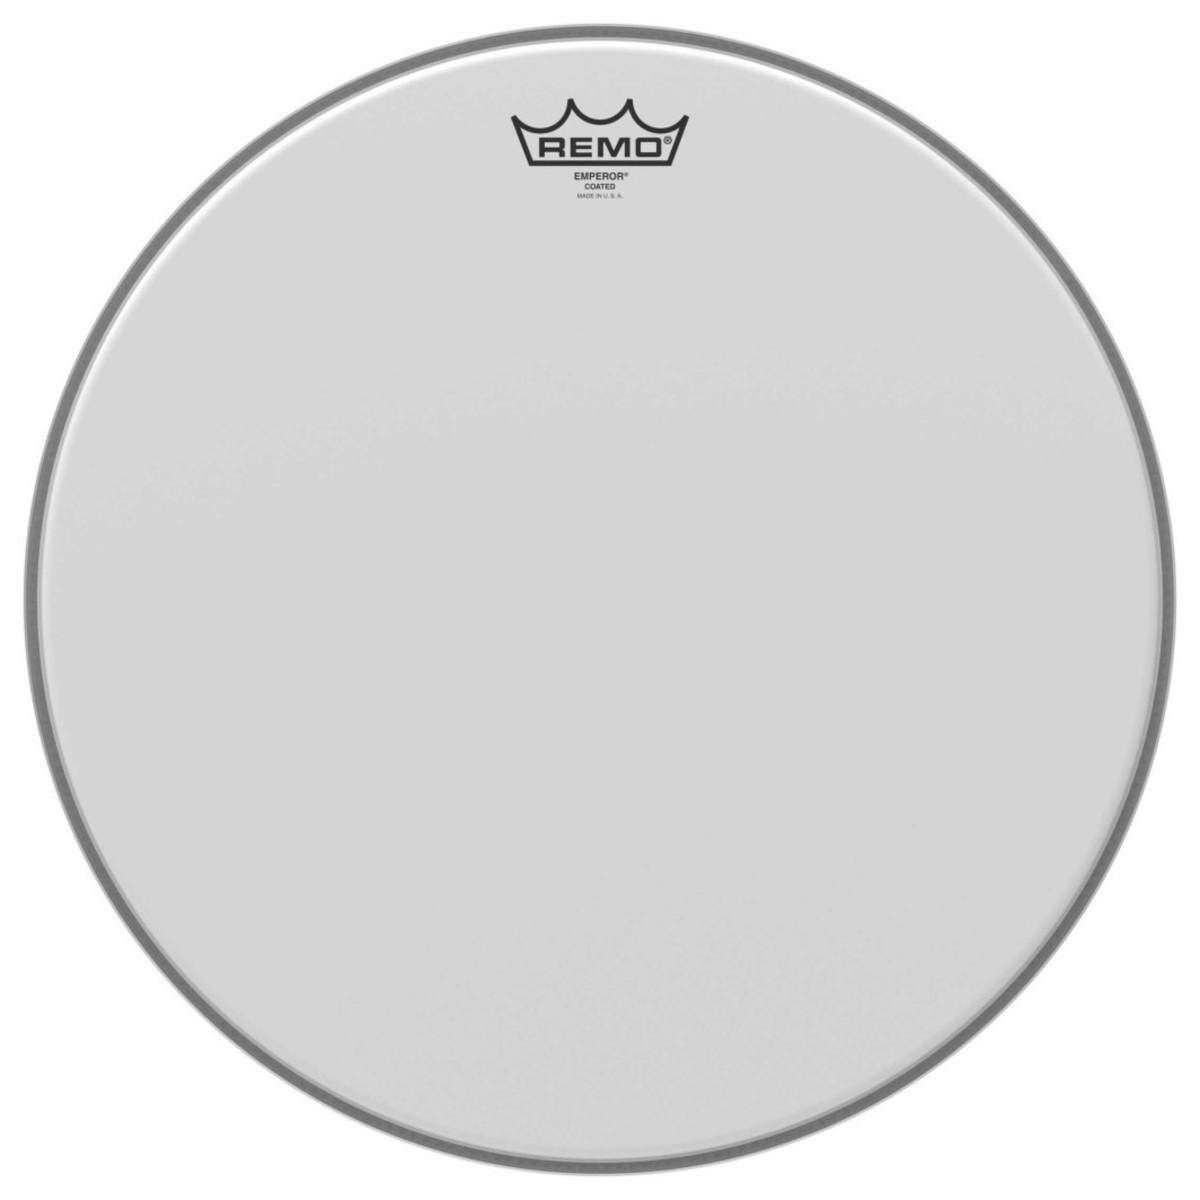 Remo Emperor Coated 18 Drum Head